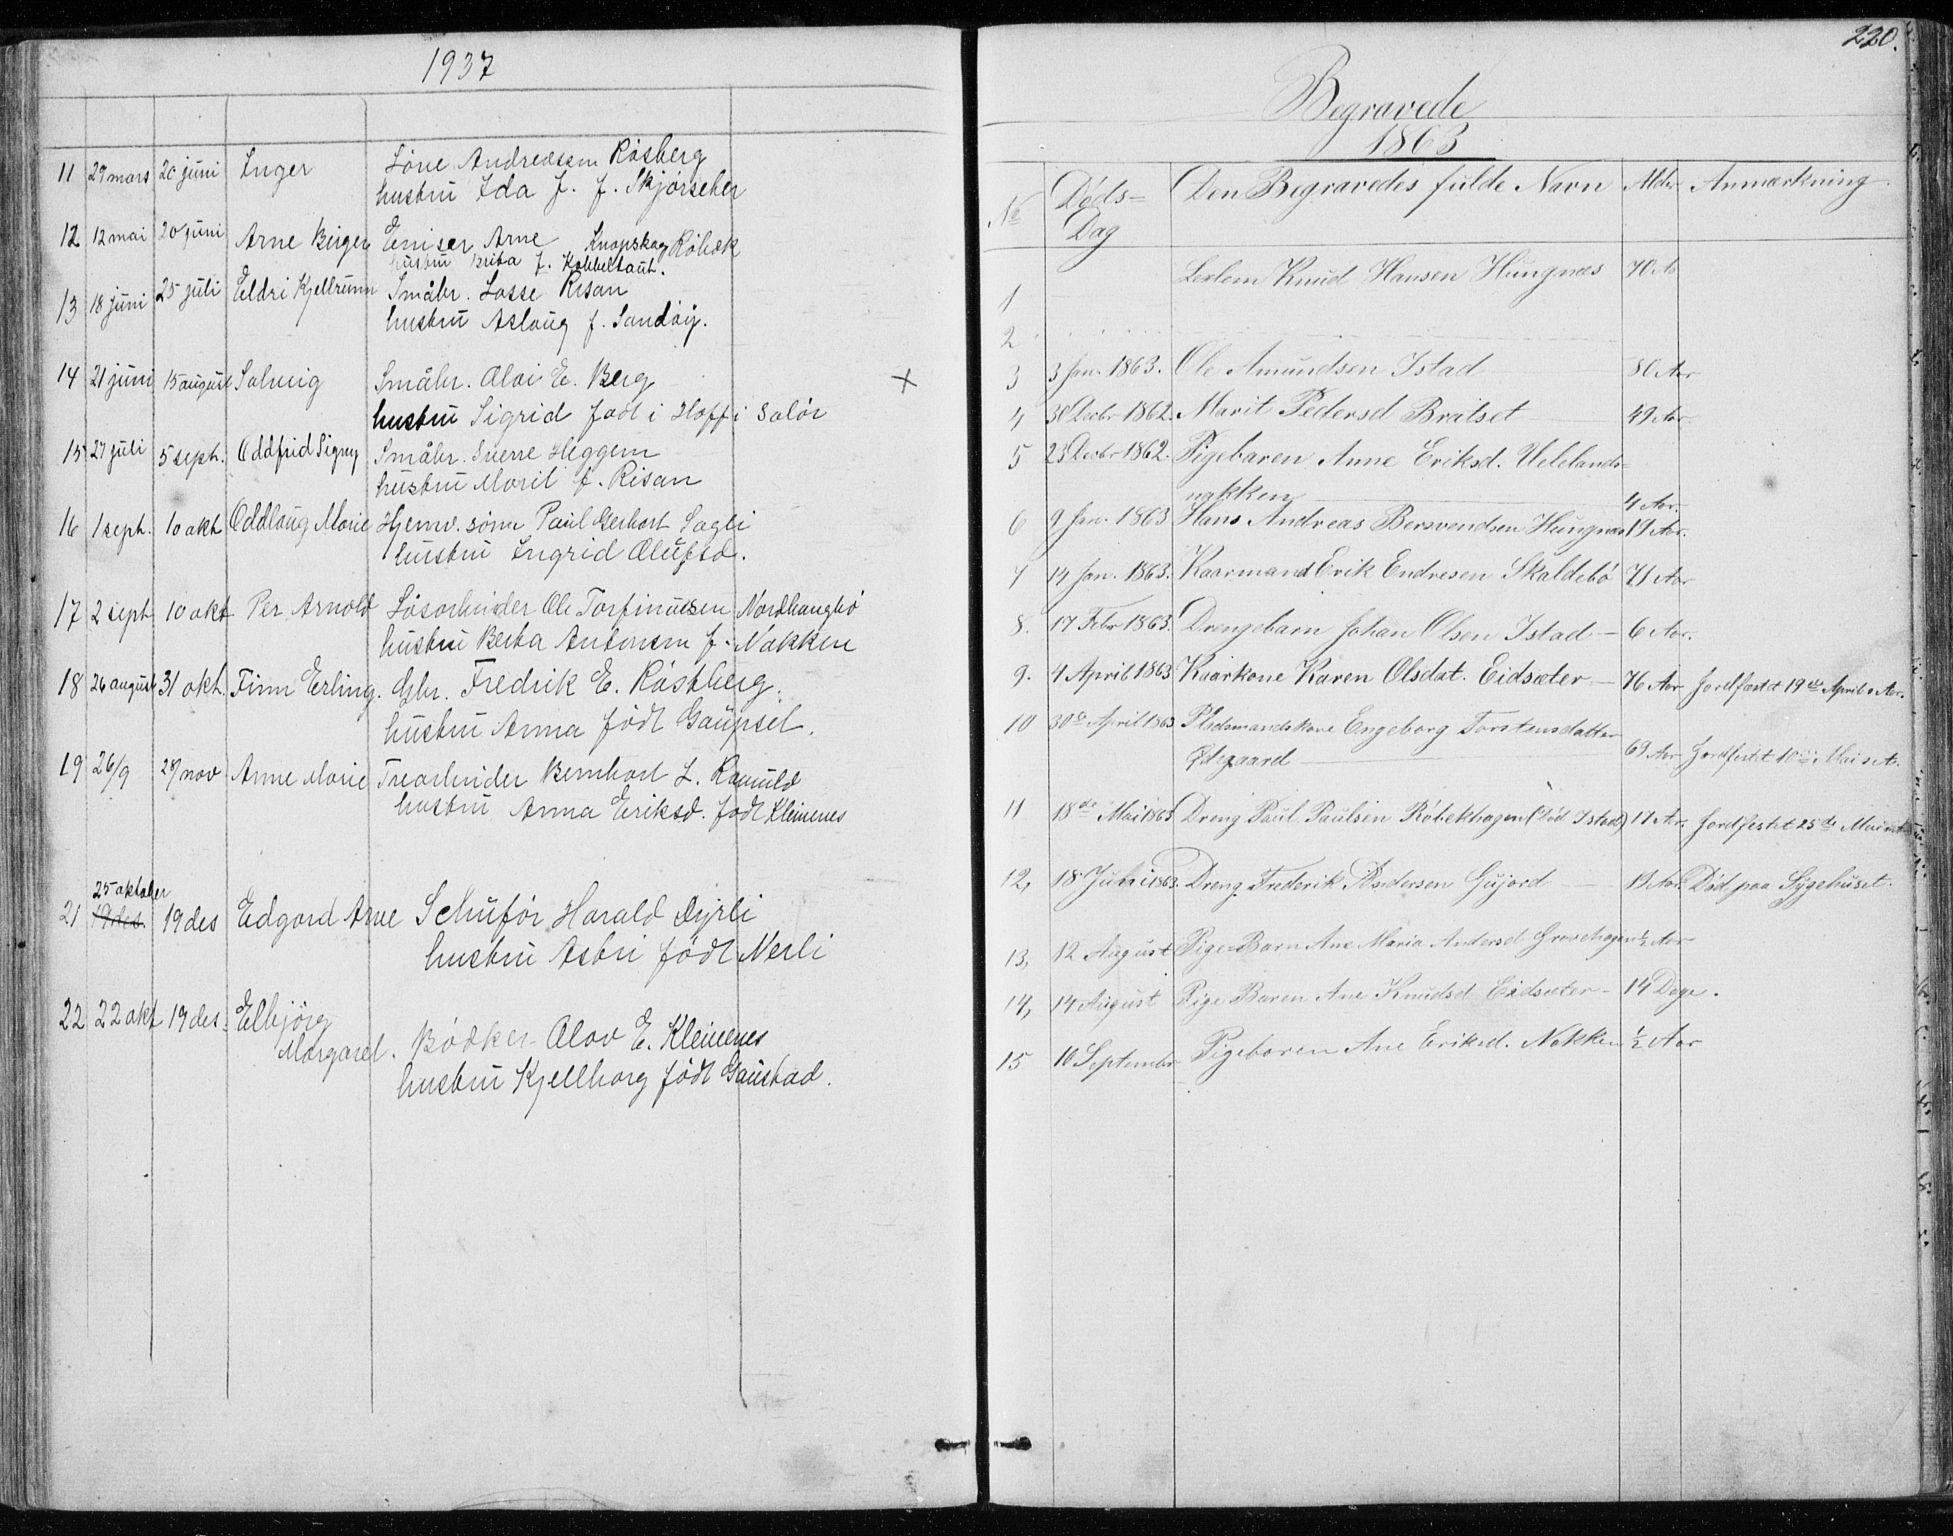 SAT, Ministerialprotokoller, klokkerbøker og fødselsregistre - Møre og Romsdal, 557/L0684: Klokkerbok nr. 557C02, 1863-1944, s. 220